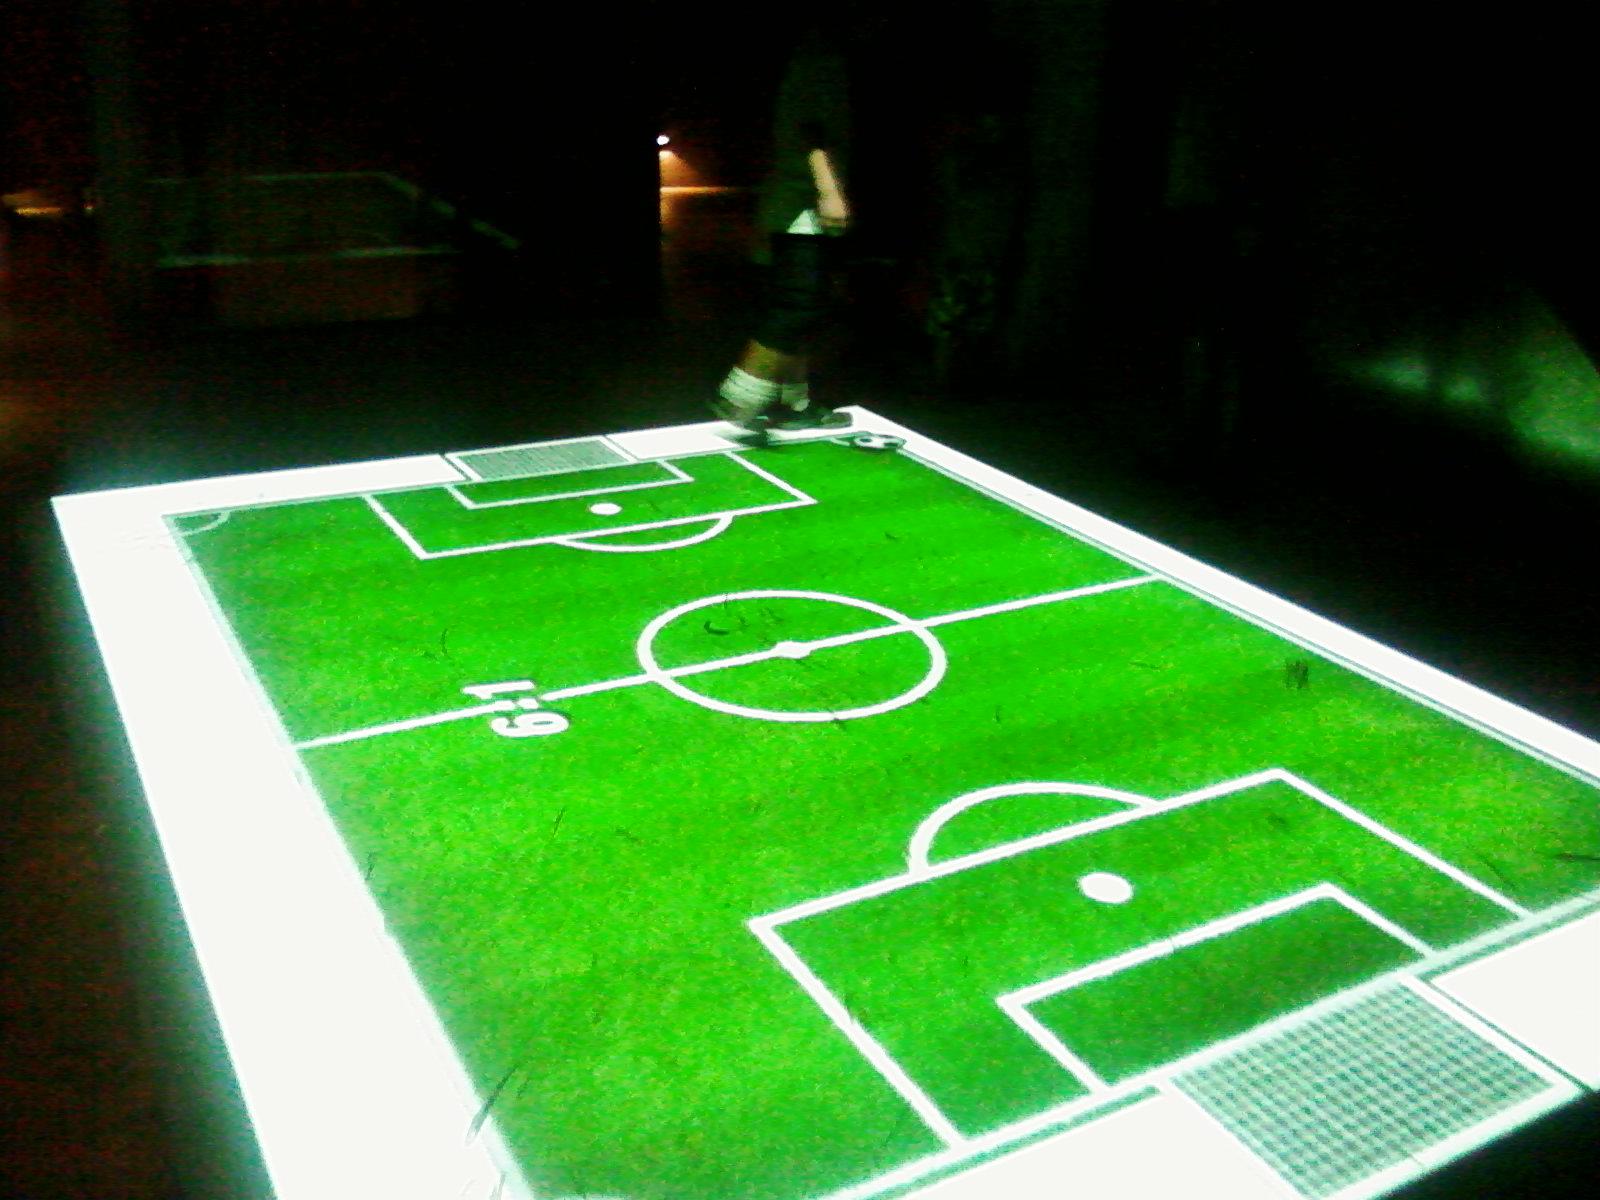 Um campo de futebol virtual - que dá para jogar bola